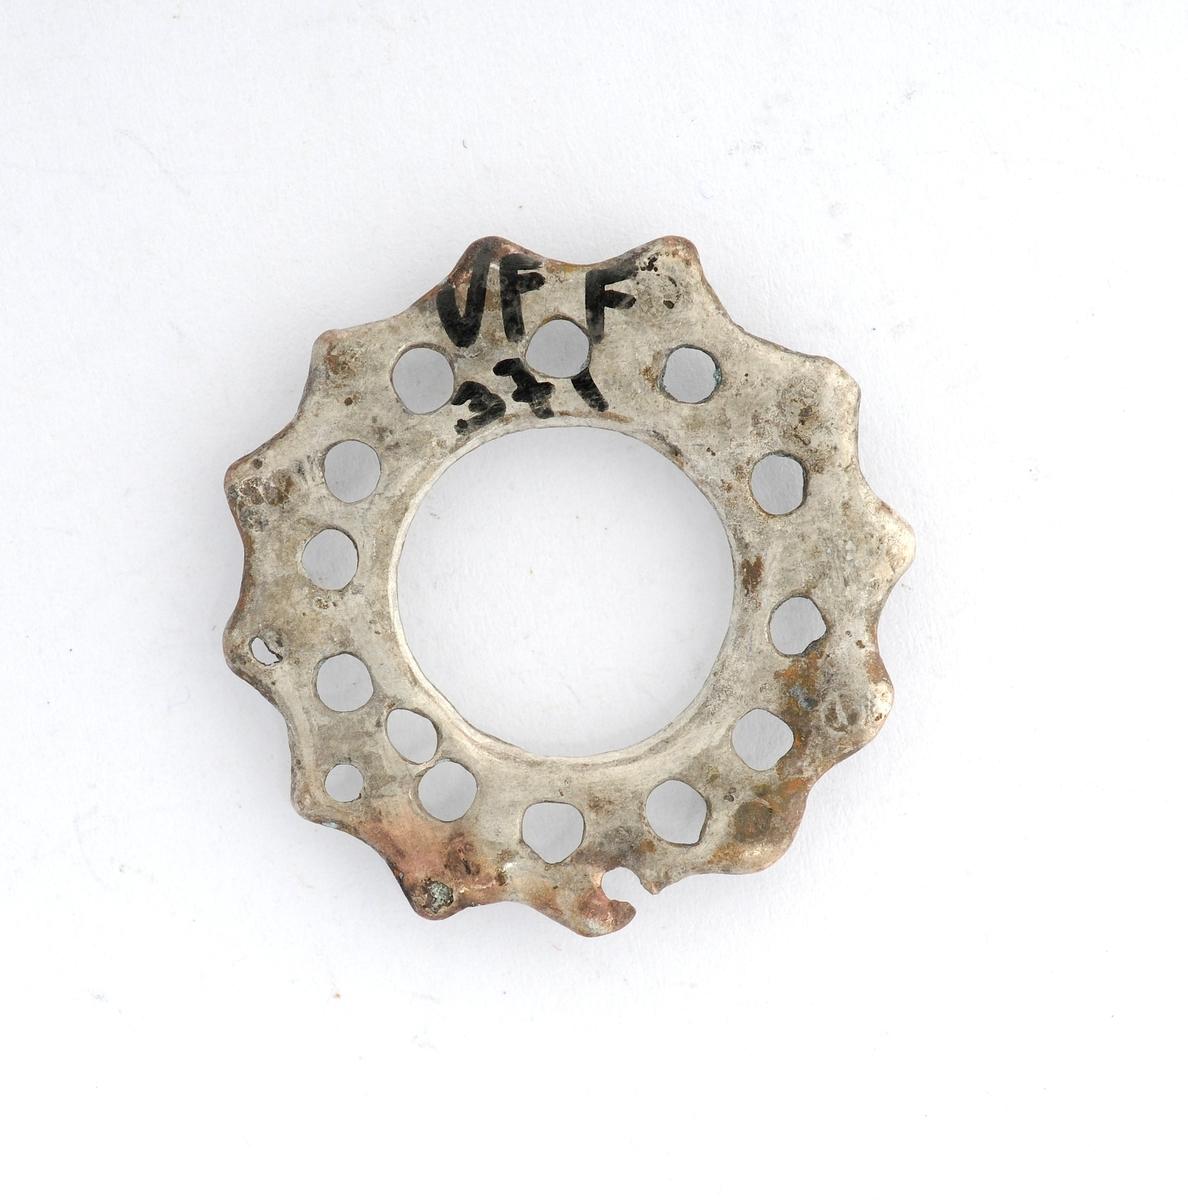 Sølje, støypt i messing, forsølva (?). Rund 12- tagga rosett med open sirkel i midten. Ring for vedheng på kvar tagg, fire manglar. Manglar tann (nål).